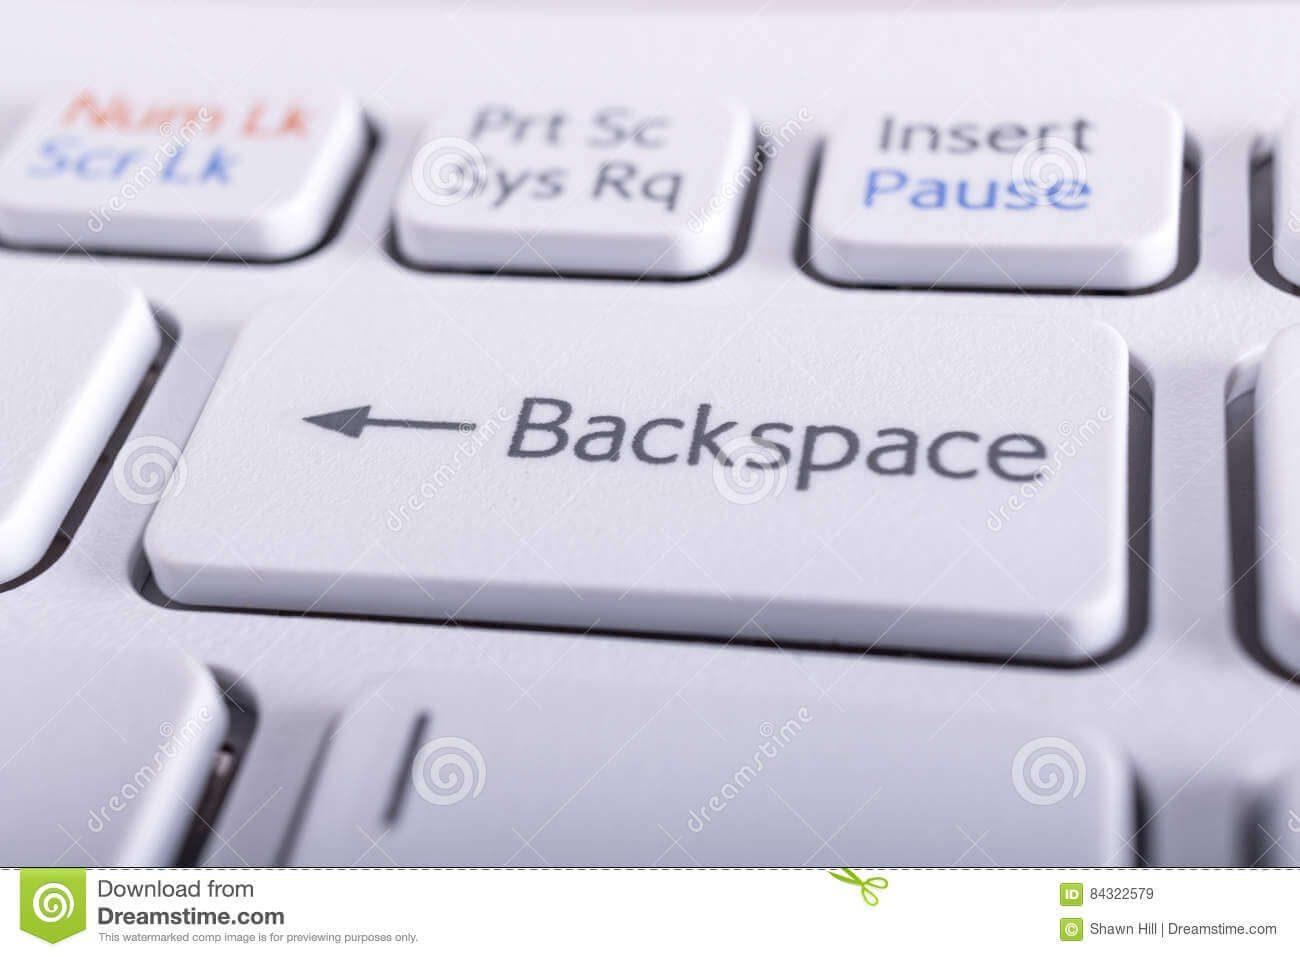 Phím Backspace trên Windows 10 chỉ xóa được 1 Ký Tự avt e1552793979689 145x100 - Sửa lỗi Phím Backspace trên Windows 10 chỉ xóa được 1 Ký Tự